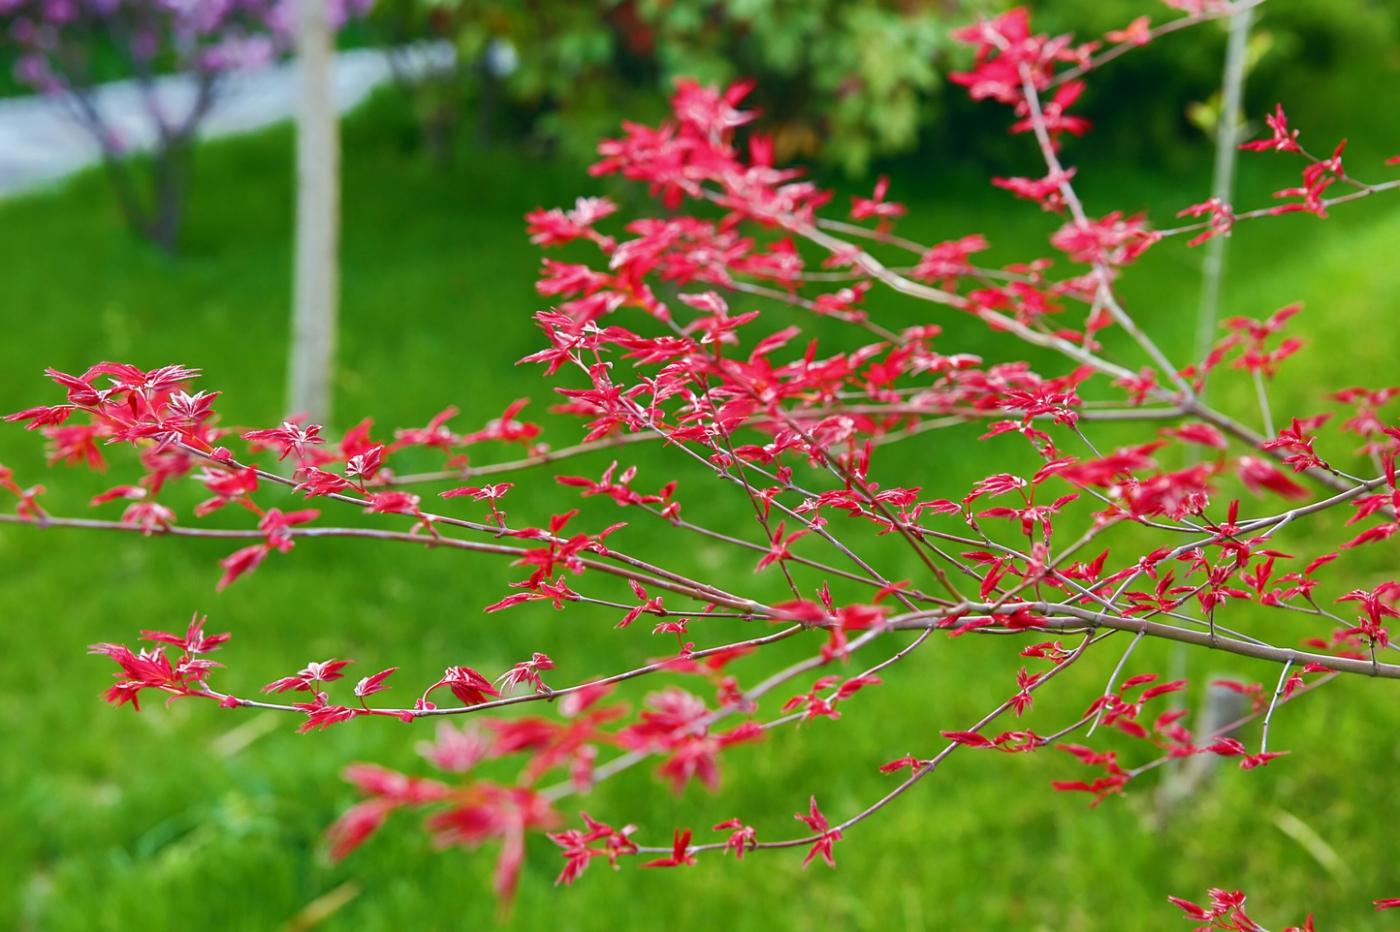 感受春天的节奏_图1-17